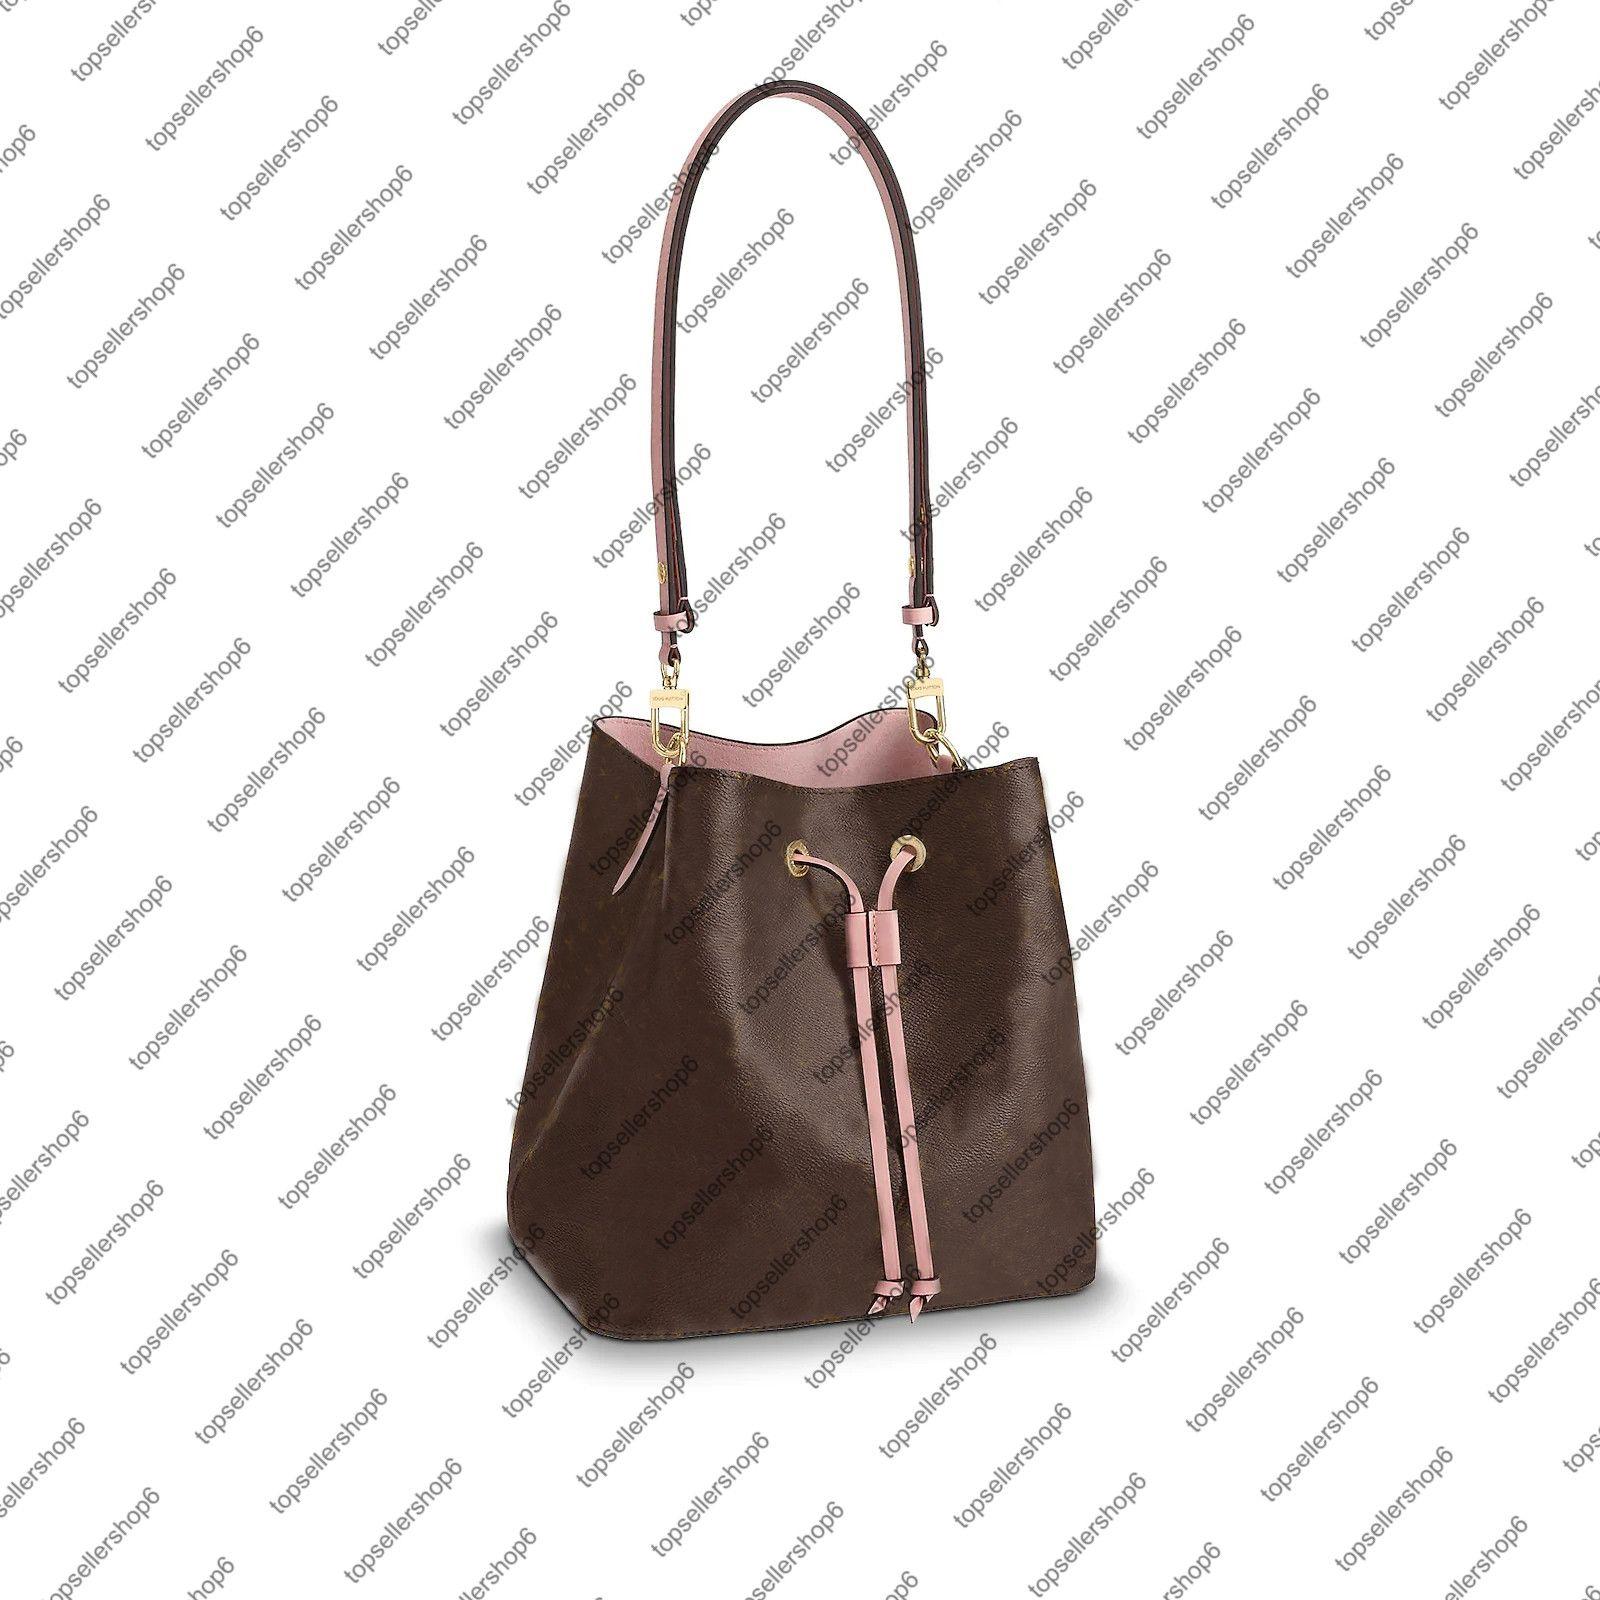 M44022 M43569 NeONOe donne borsa secchiello tela vera pelle di vitello fiore stampa check borsetta borsa tracolla borsa a tracolla